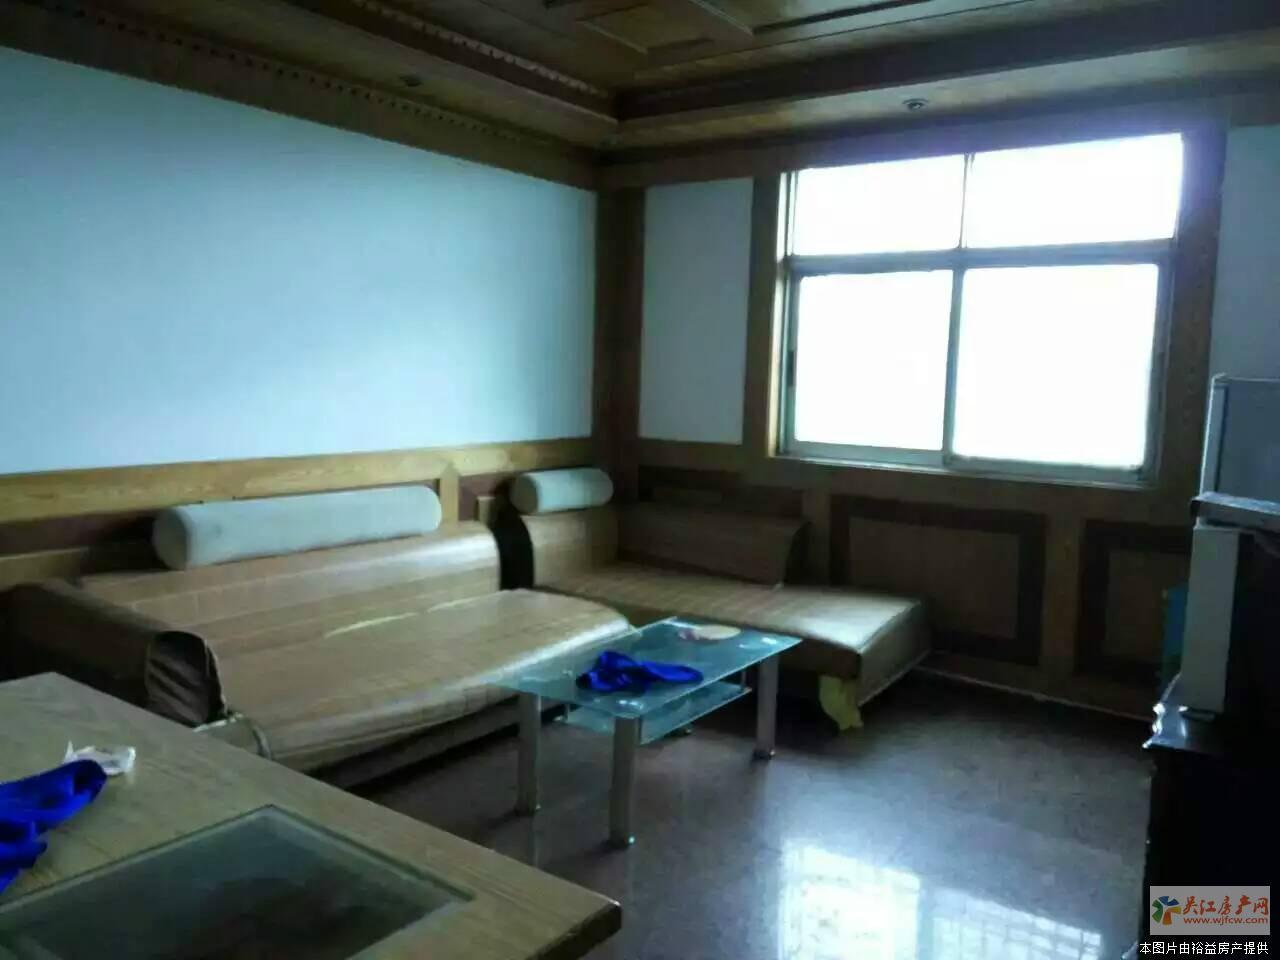 油车小区 2室2厅 86平 1800元/月出租H